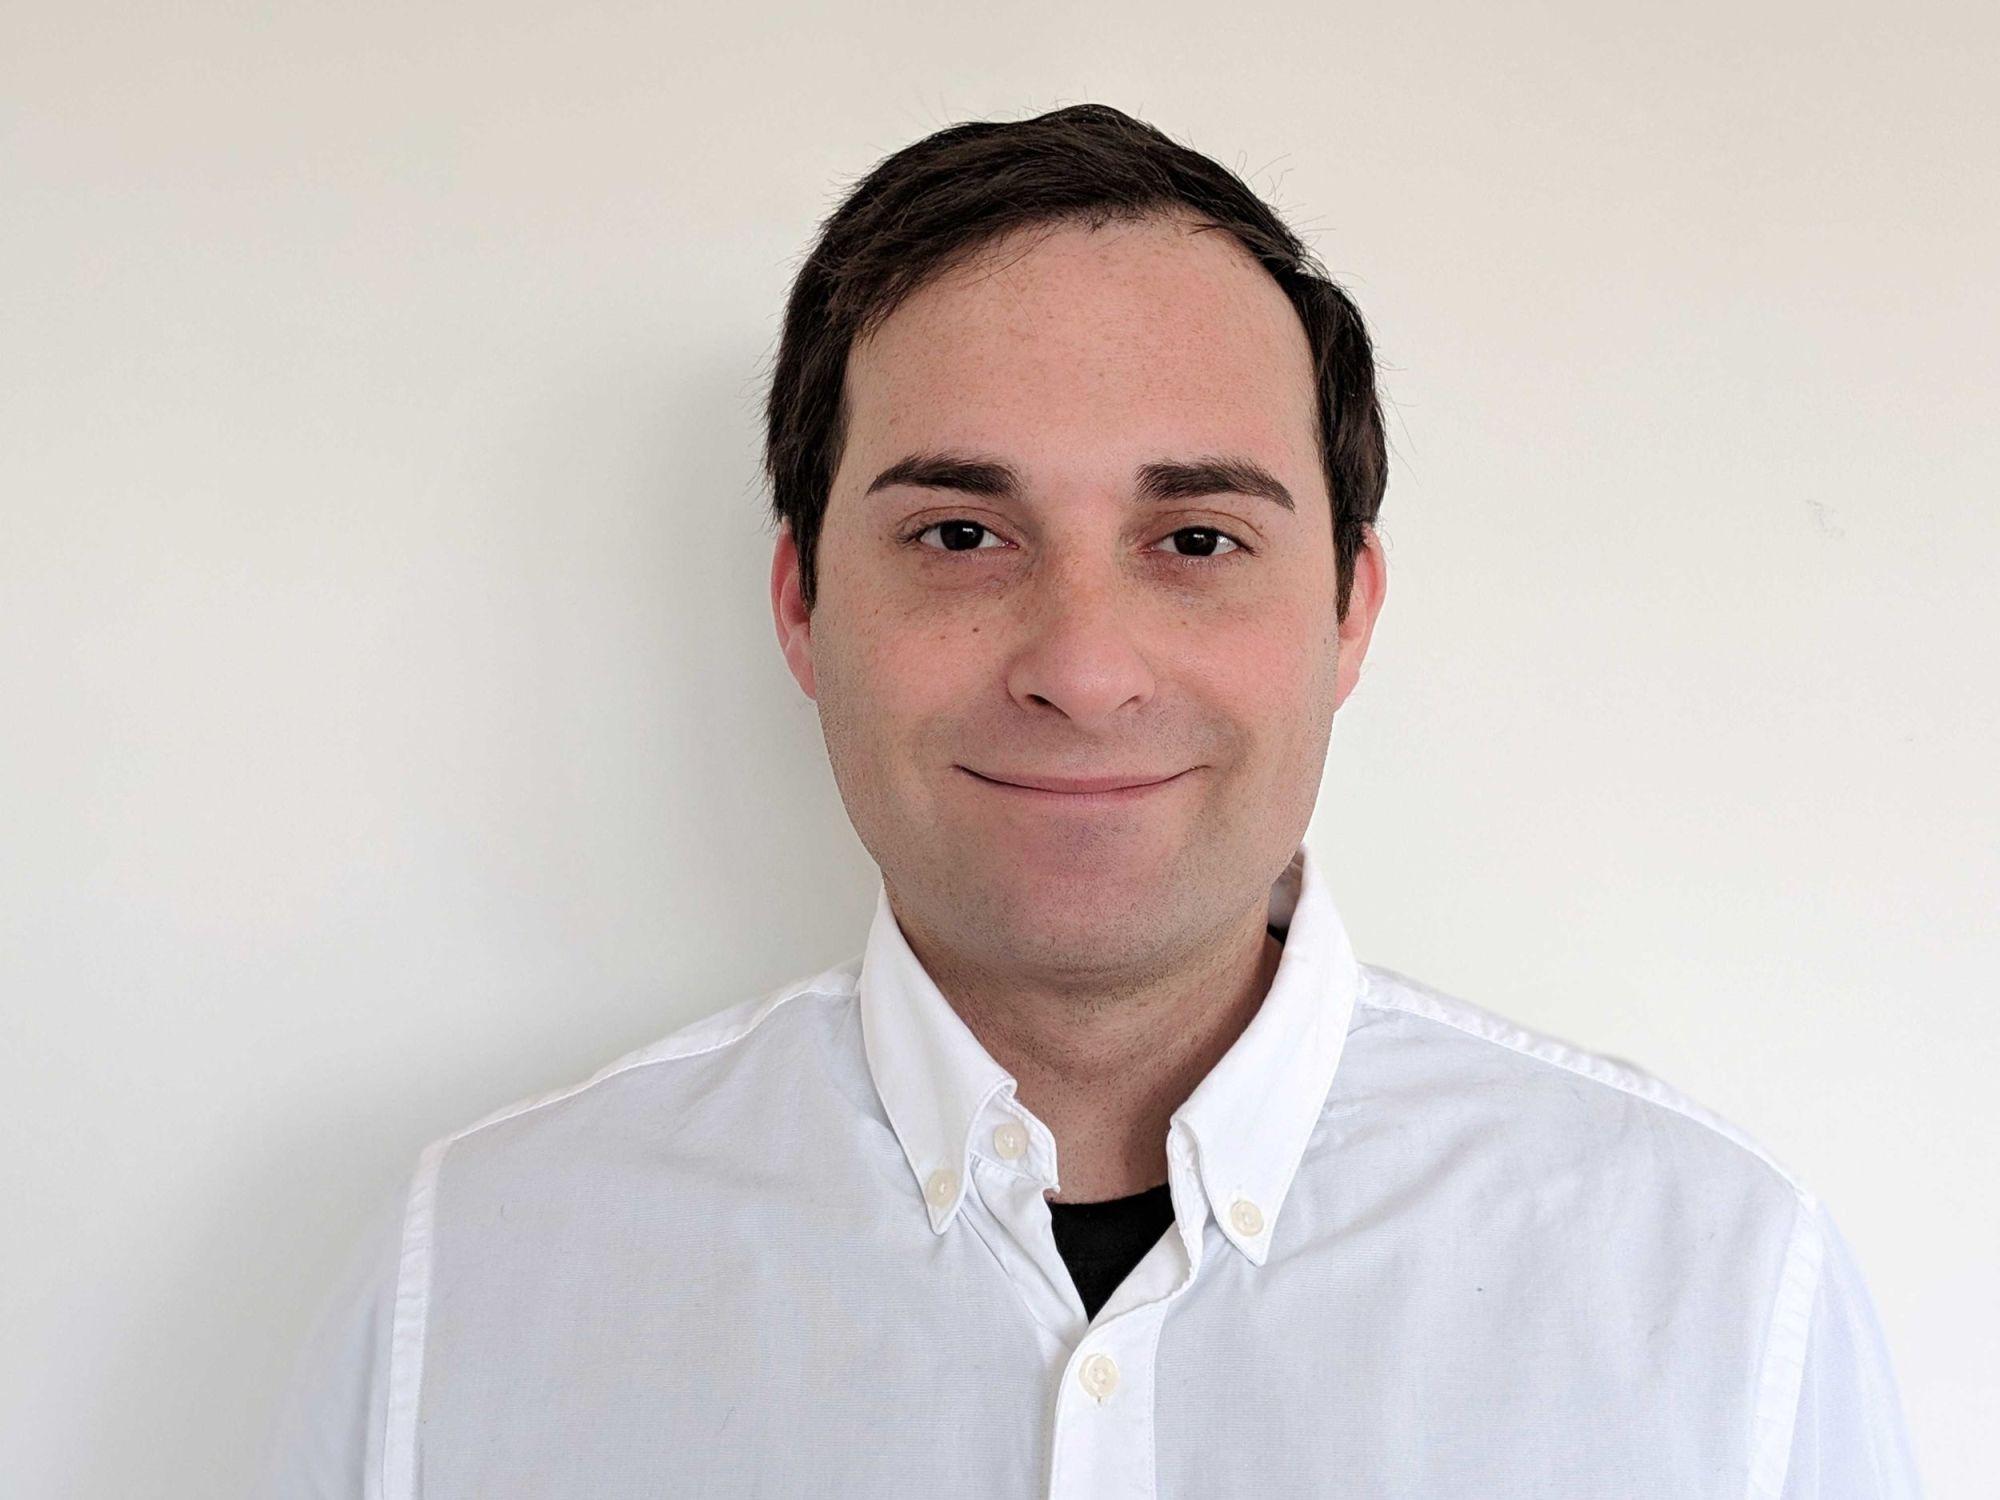 Adam LaGreca